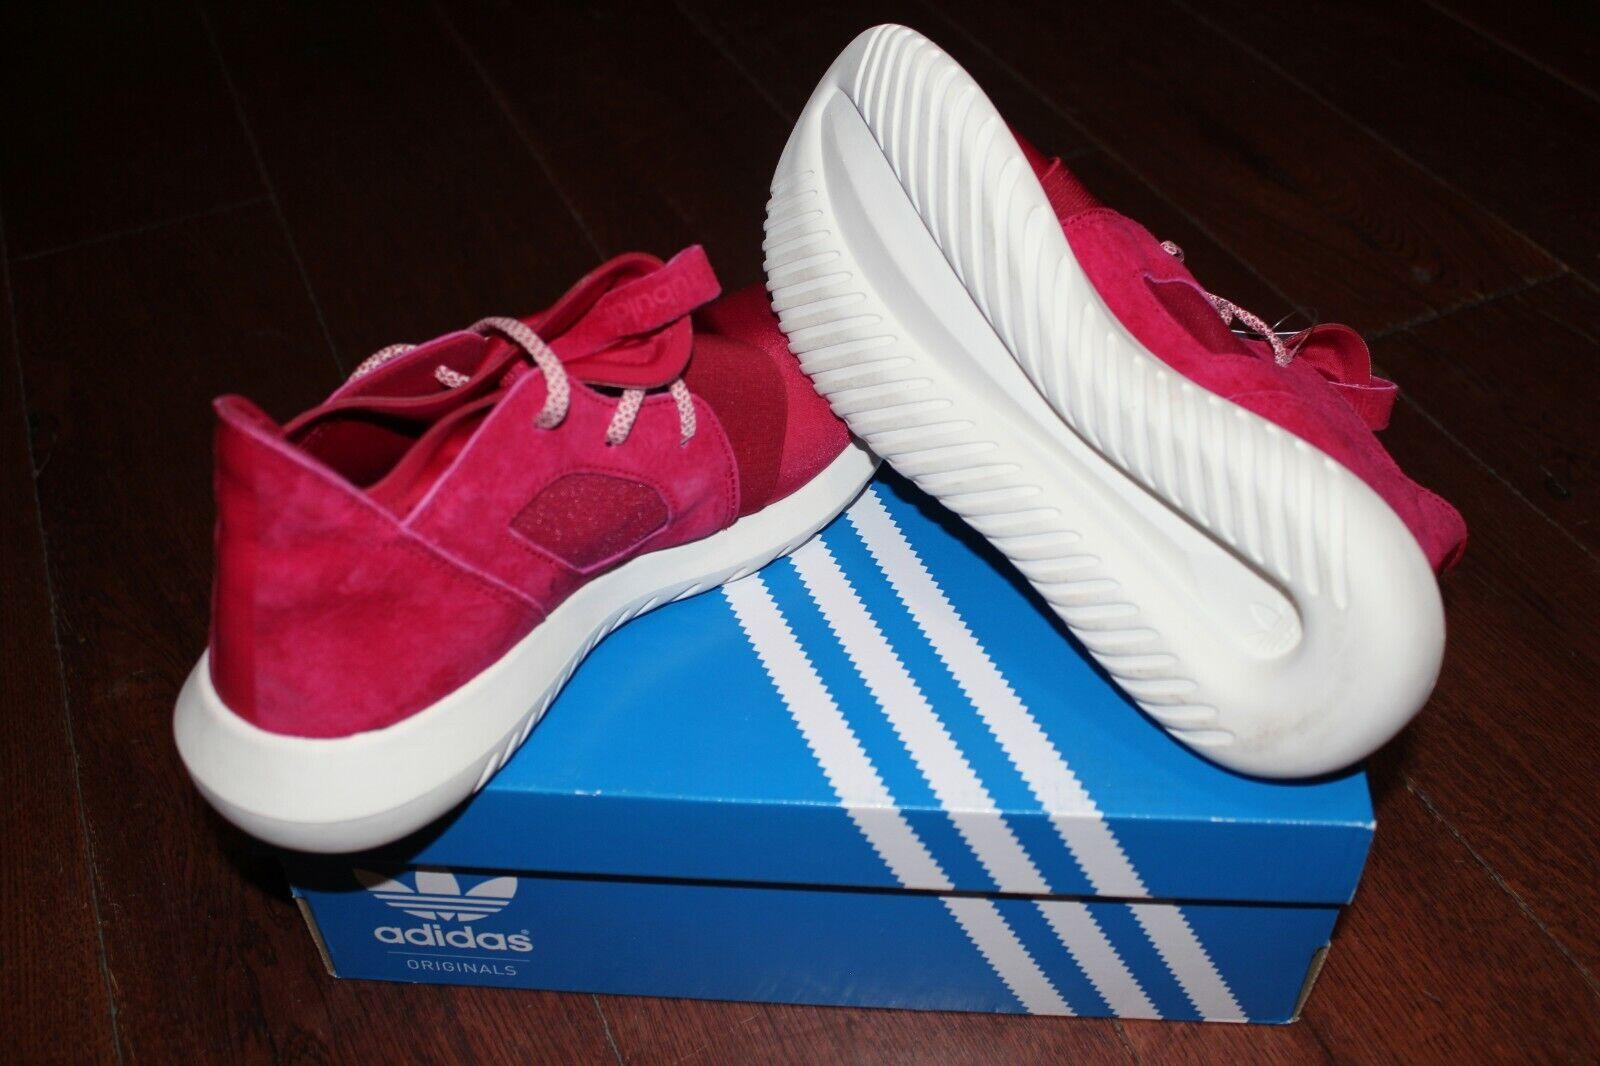 Adidas Tubular Defiant Pink White White White S75902 Women's SZ 8.0 04ed8e